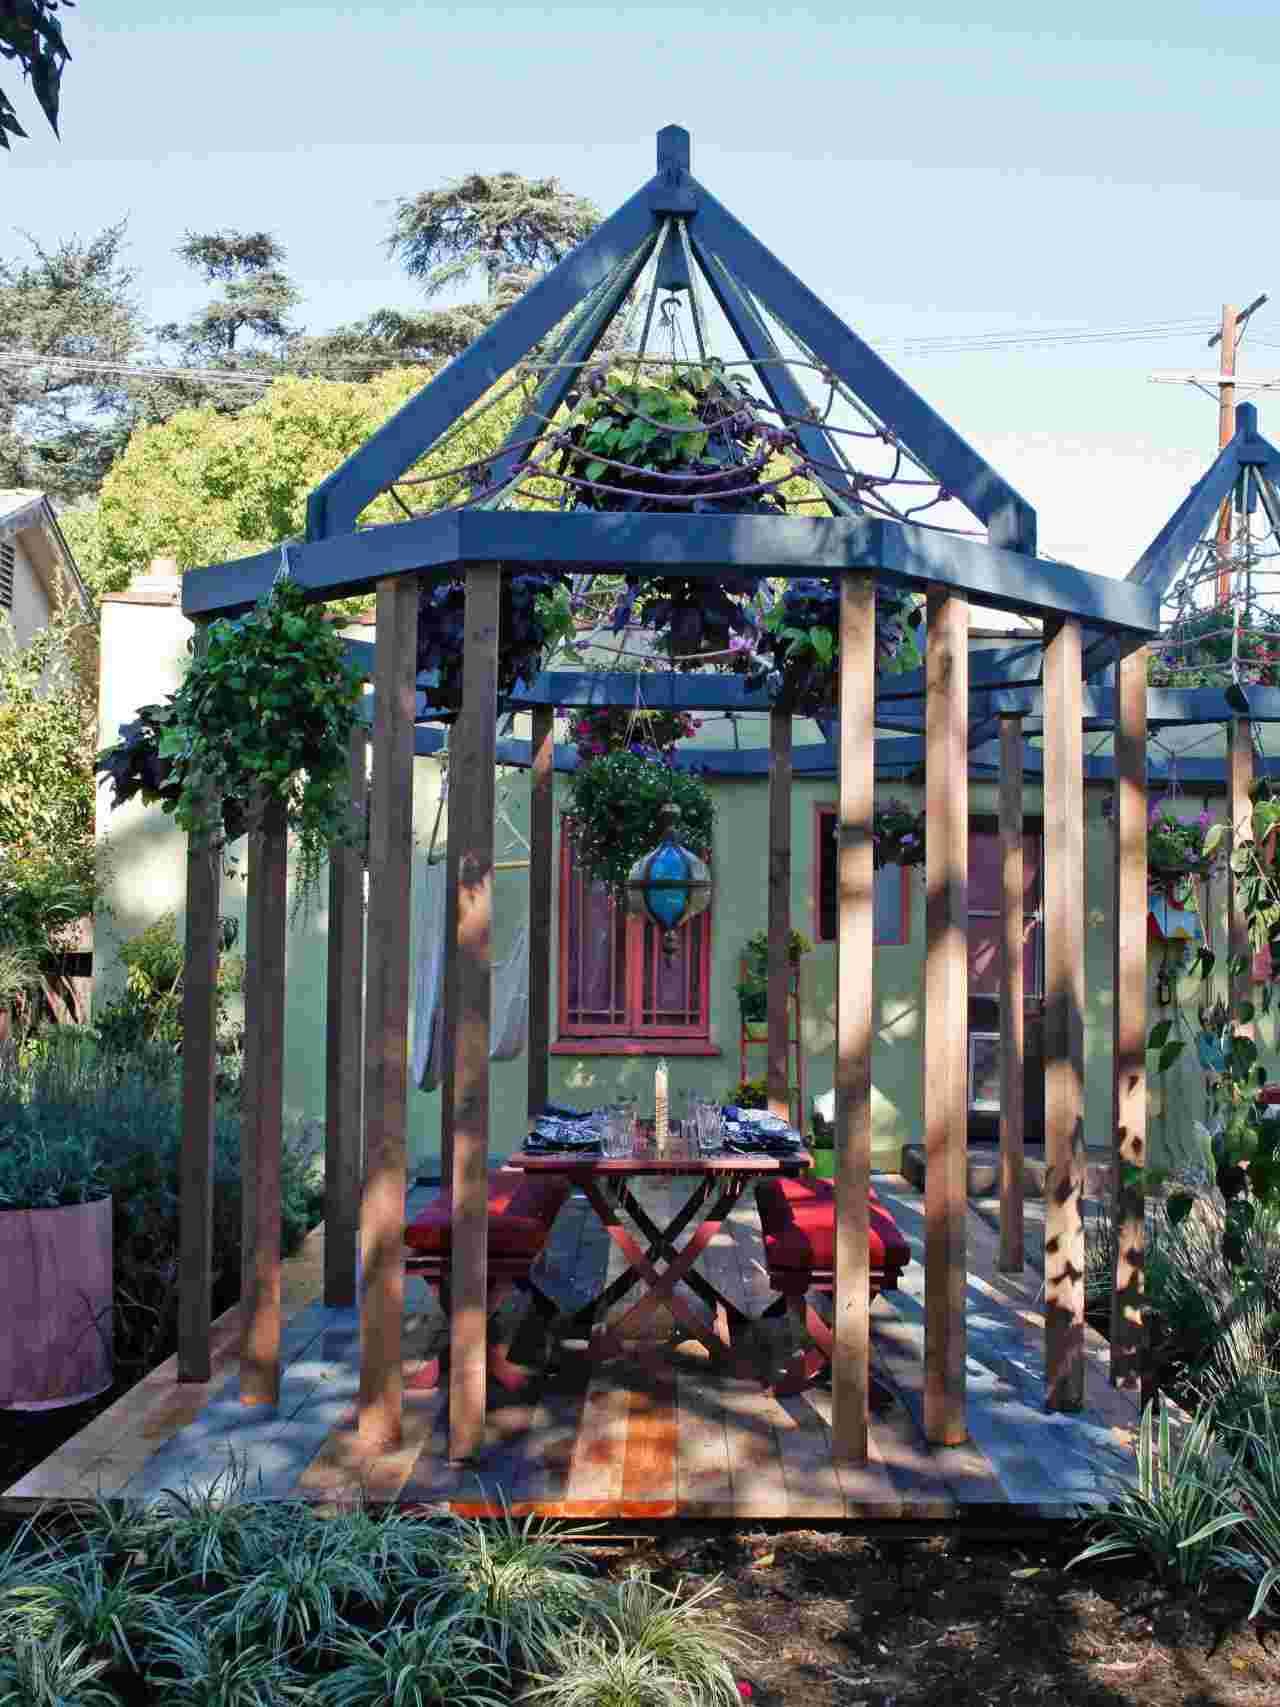 Salon De Jardin Pas Cher : 40 Super Idées Pour Votre Espace ... concernant Petit Salon De Jardin Pas Cher